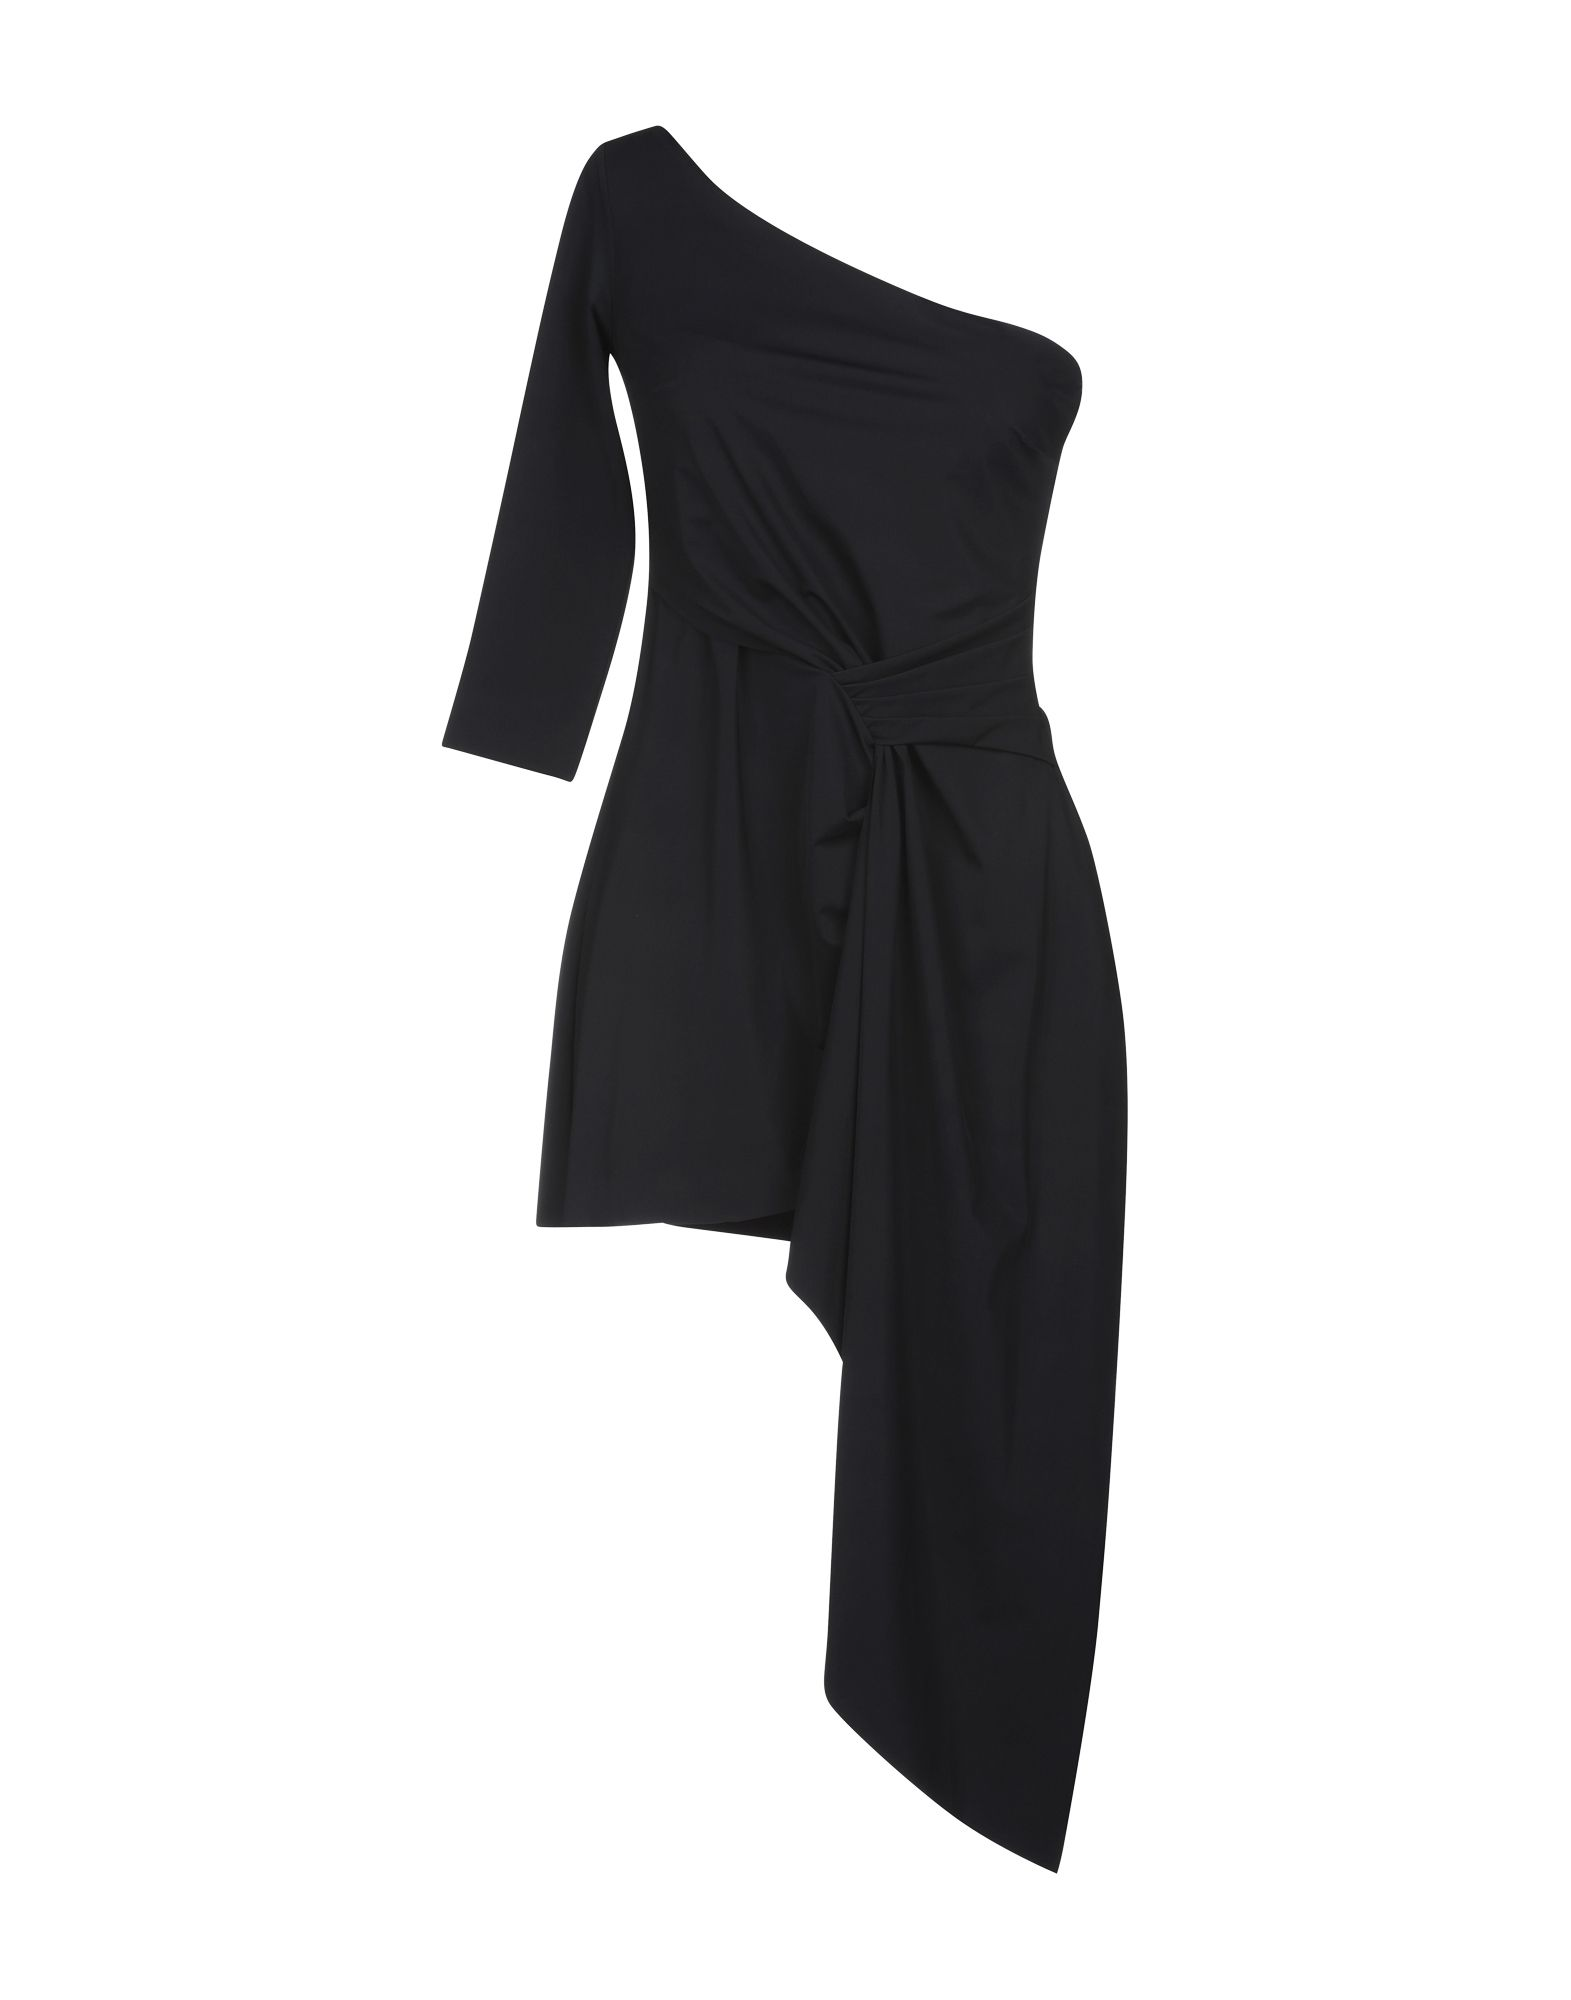 7882a895362 chiara boni la petite robe shop for women - women s chiara boni la petite  robe catalogue - Cools.com